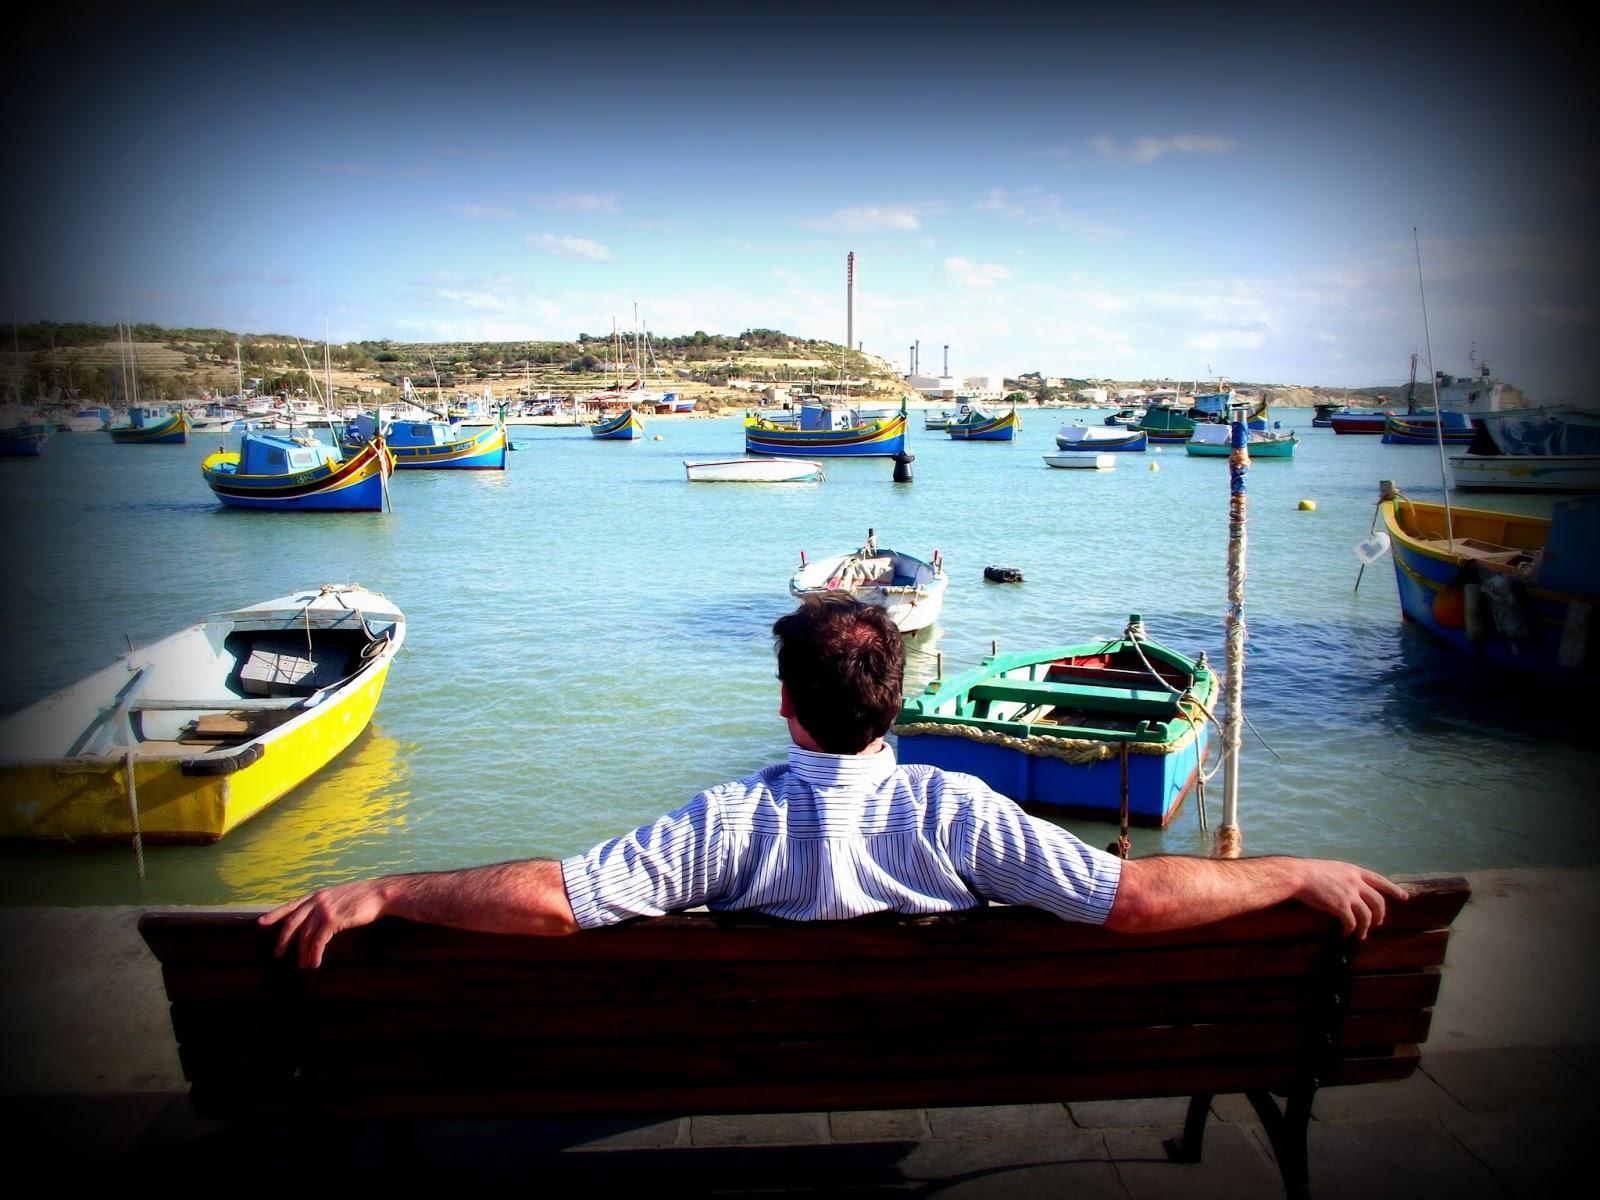 Disfrutando del mar en Malta